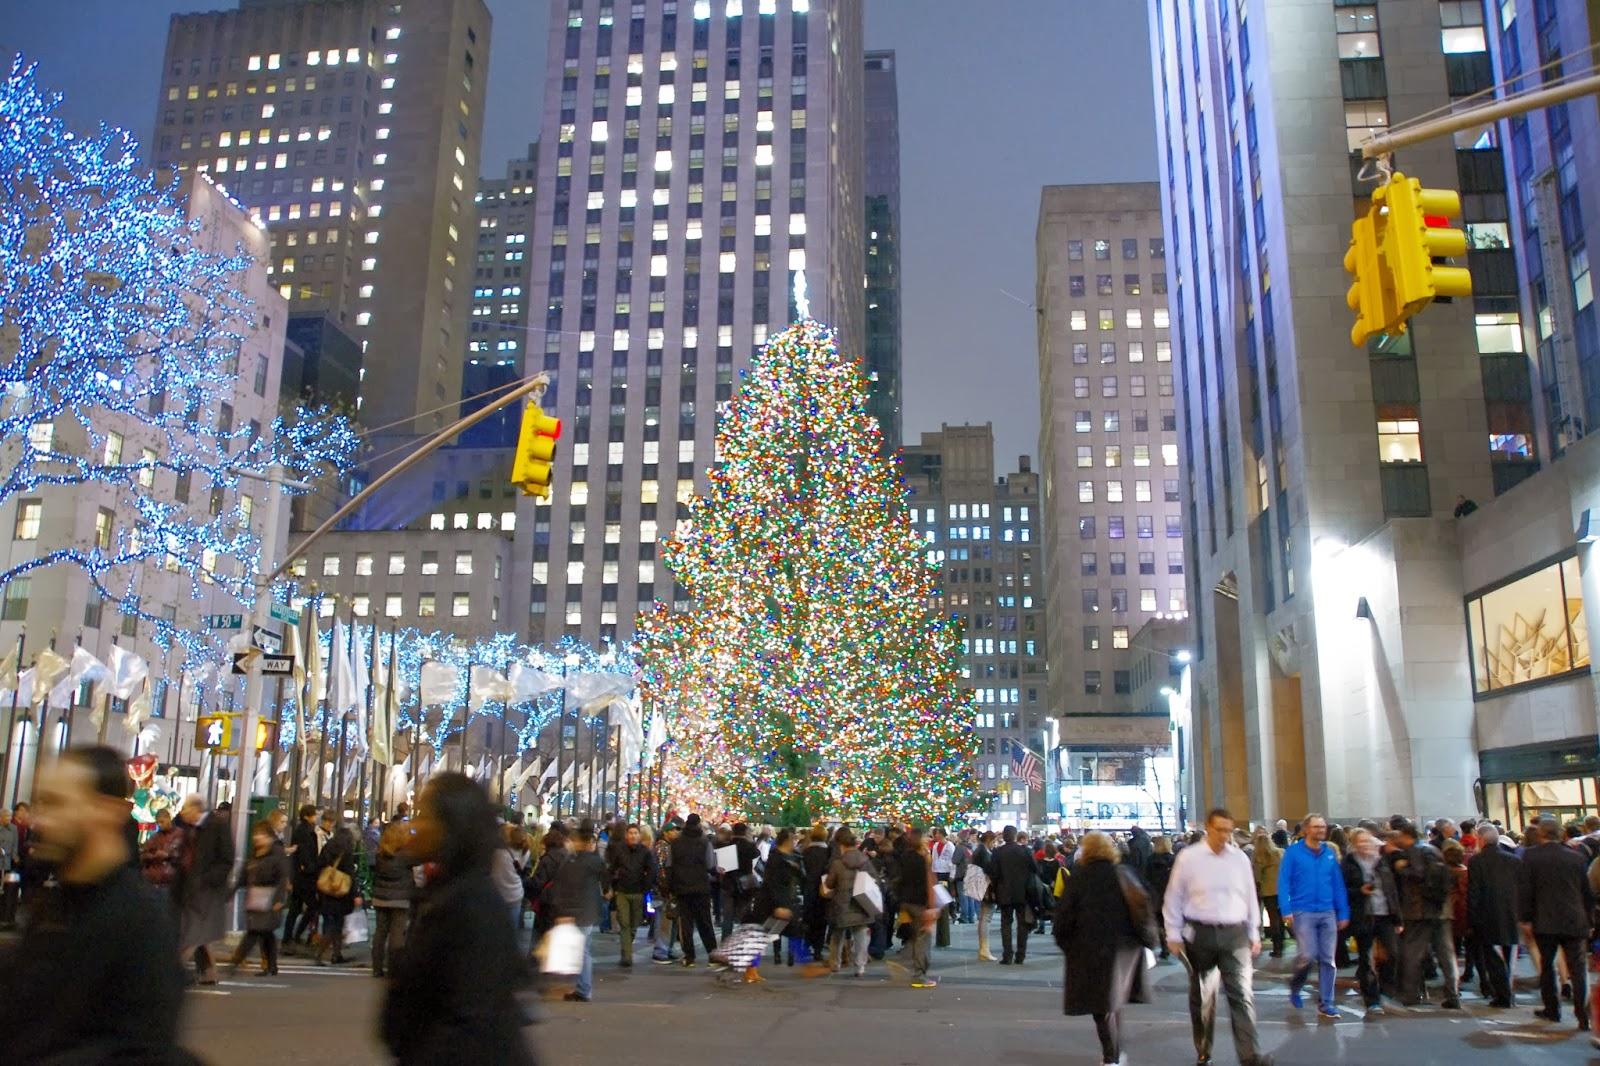 Albero Di Natale New York.Vivere New York Dovenewyork Vivere Il Natale A New York Tutti Gli Alberi Di Natale In Giro Per Nyc